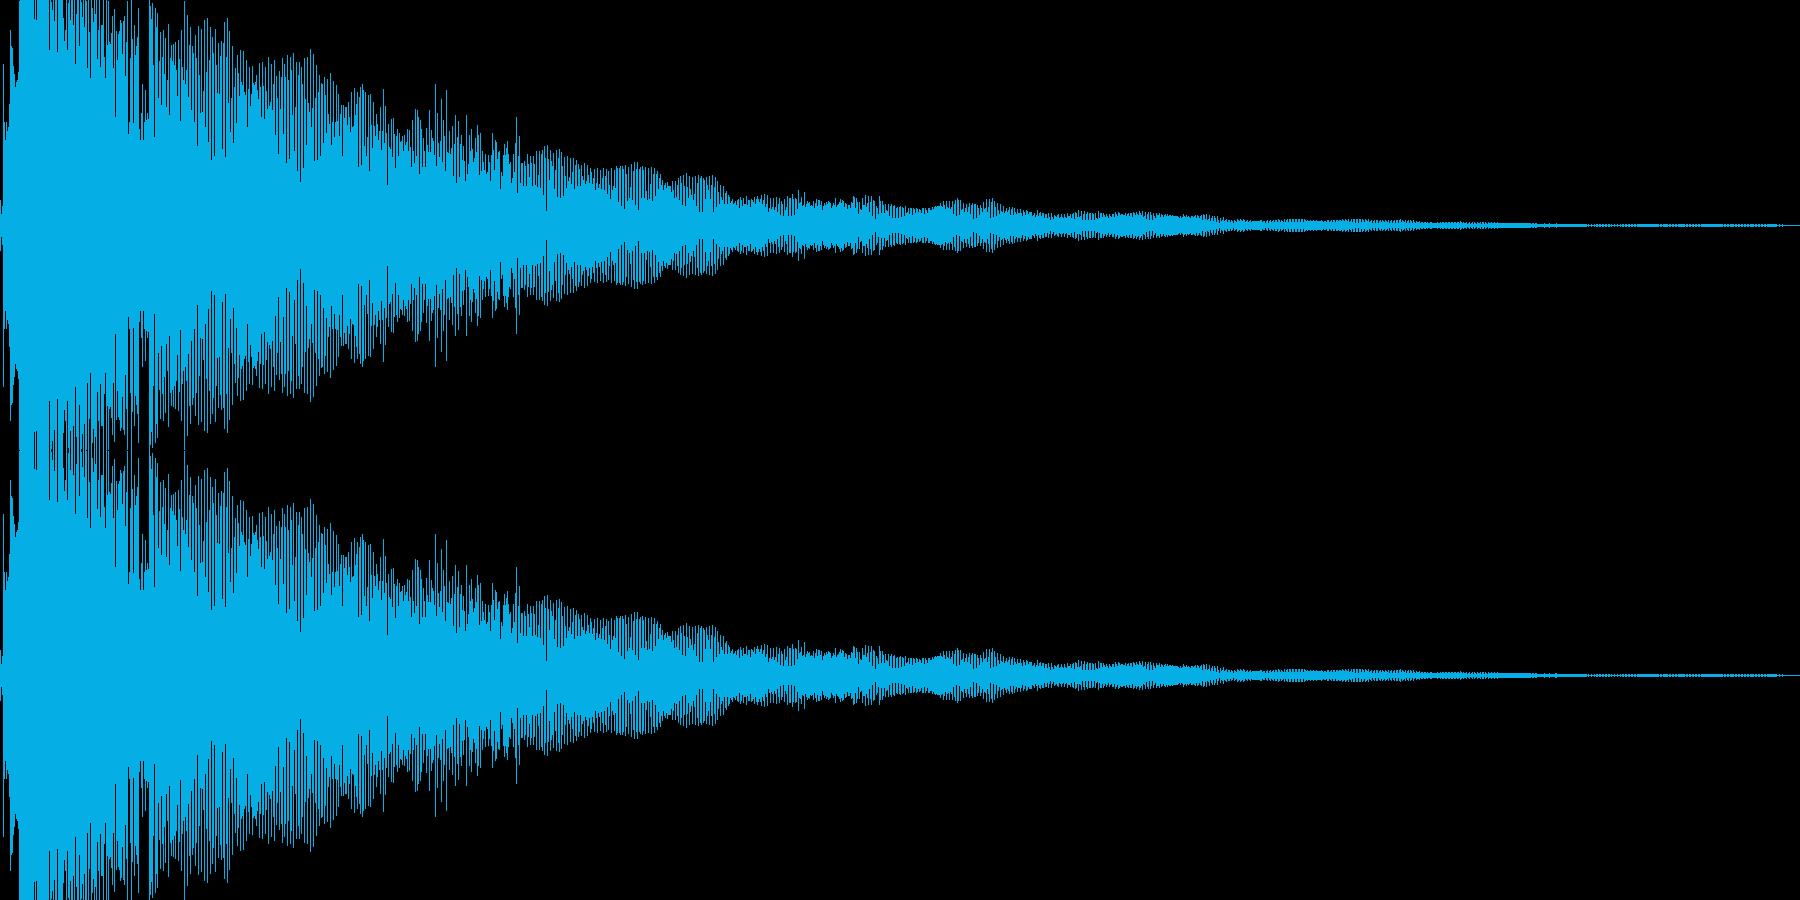 キランというかわいいSEです。の再生済みの波形